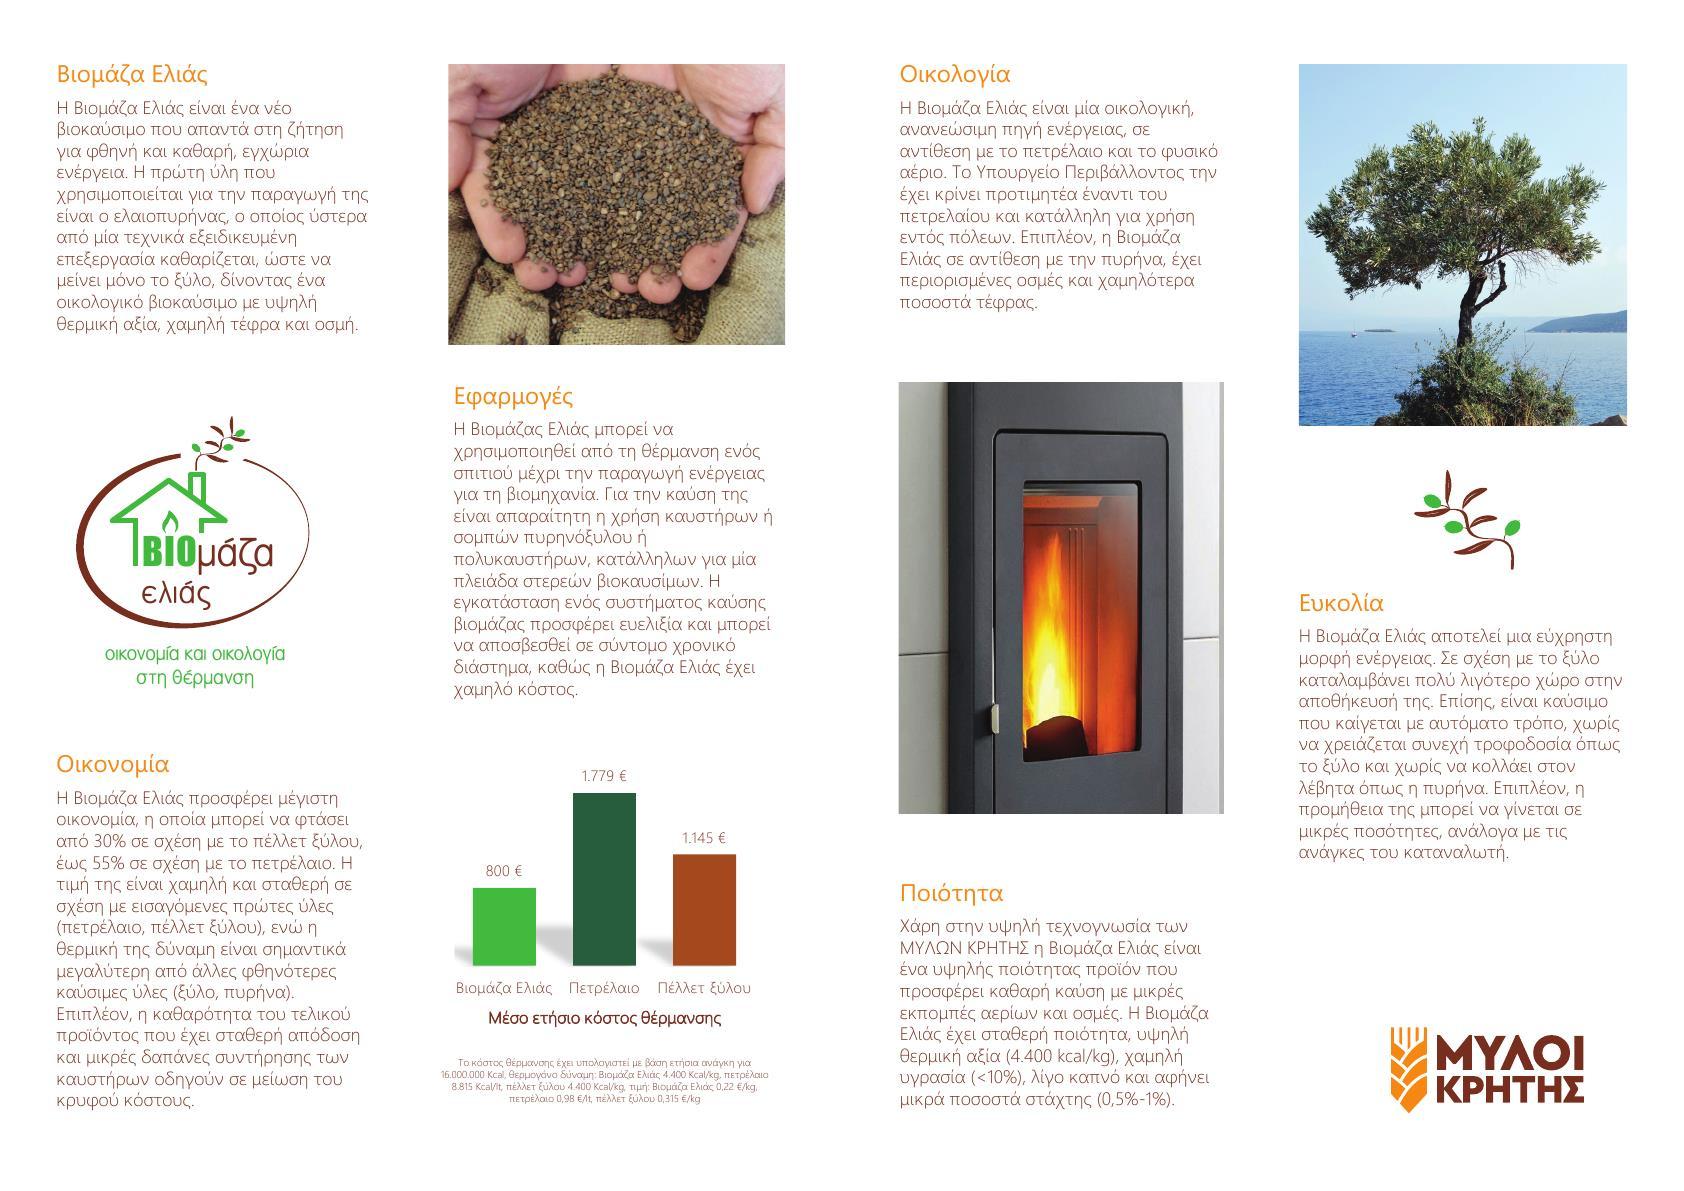 Βιομάζα ελιάς brochure A4 (final 2017) LR_0002